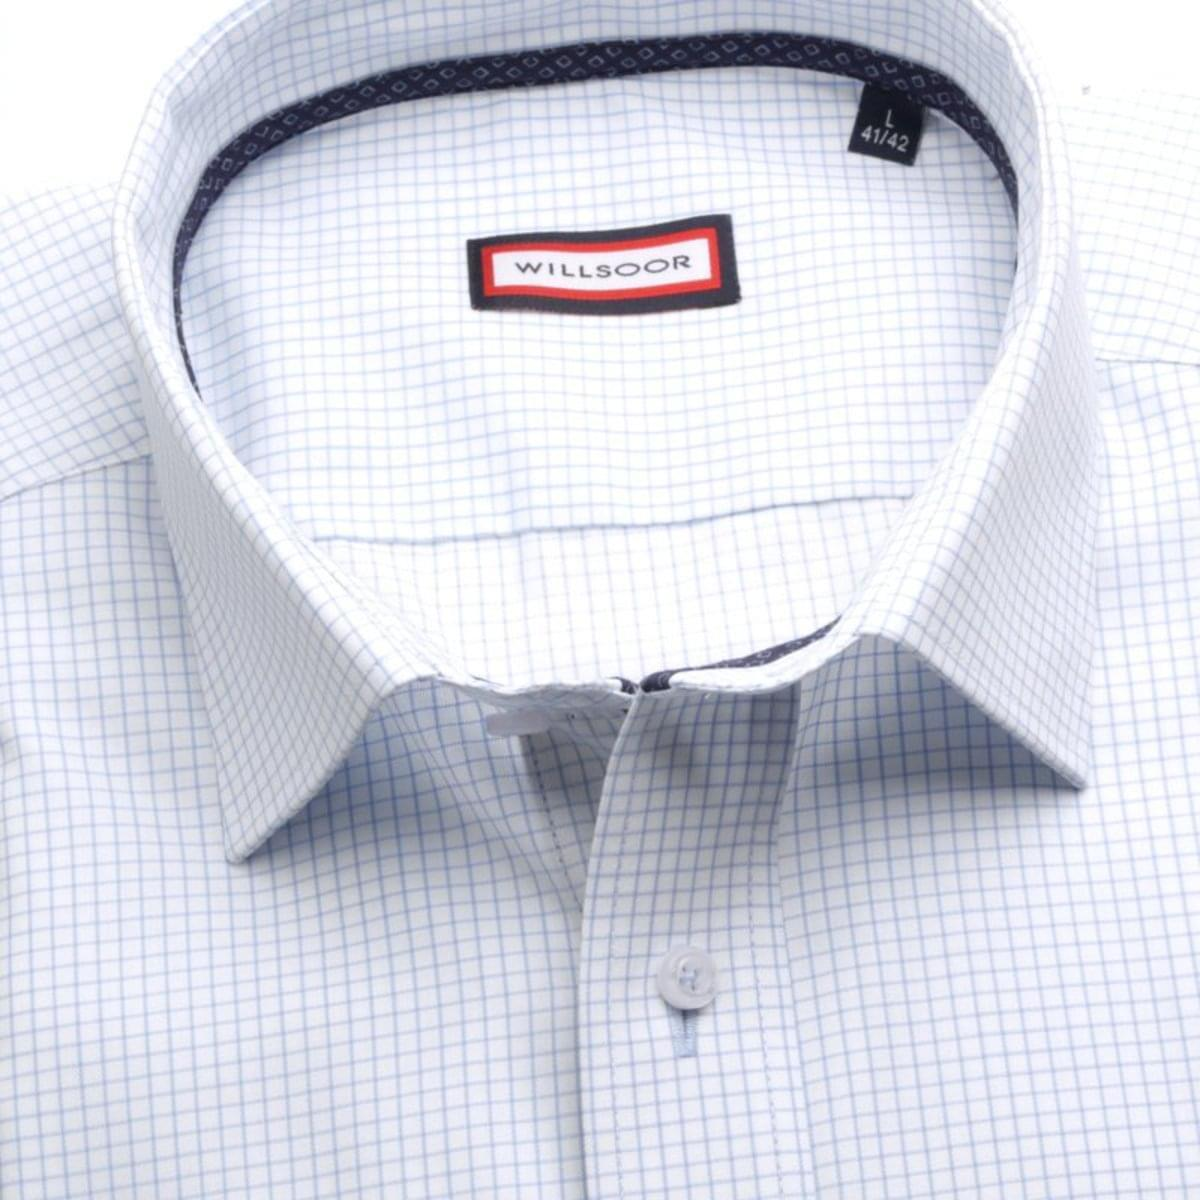 Pánska klasická košeľa (výška 176-182) 7417 v biele farbe s kockou 176-182 / L (41/42)